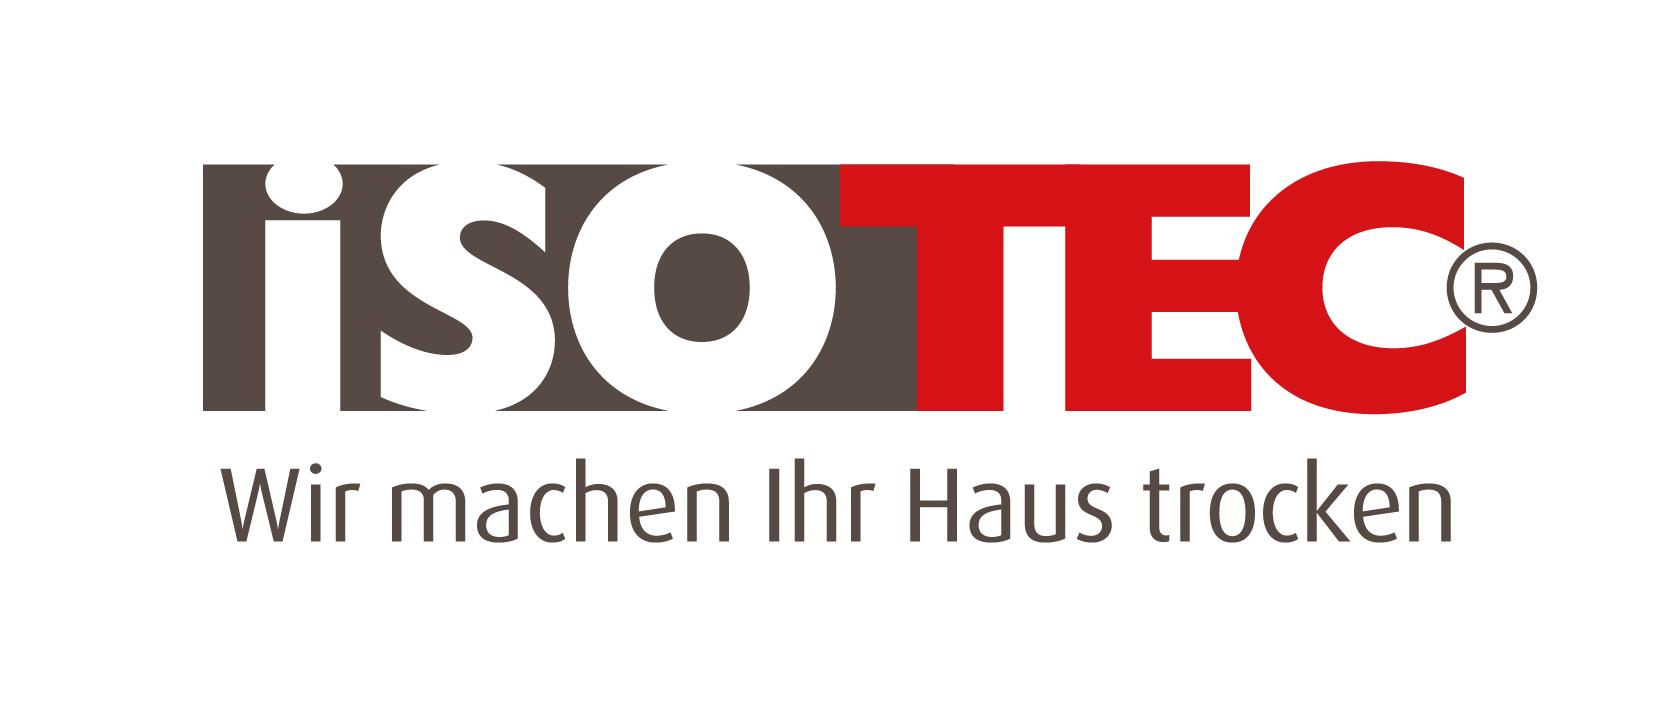 ISOTEC-Fachbetrieb Abdichtungstechnik Schiefelbein GmbH & Co. KG Logo